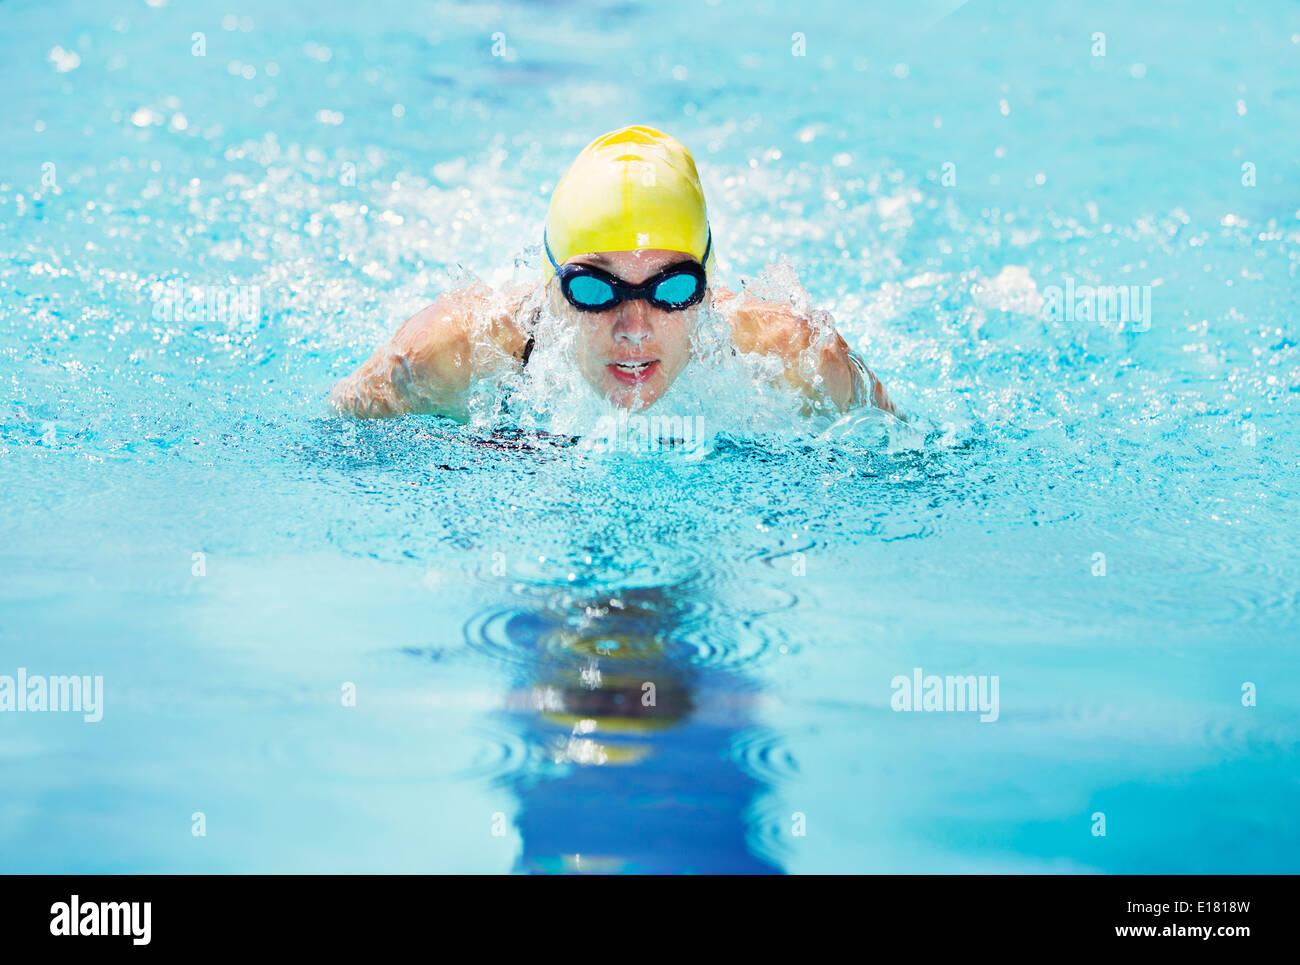 Portant ces lunettes de natation en piscine Photo Stock